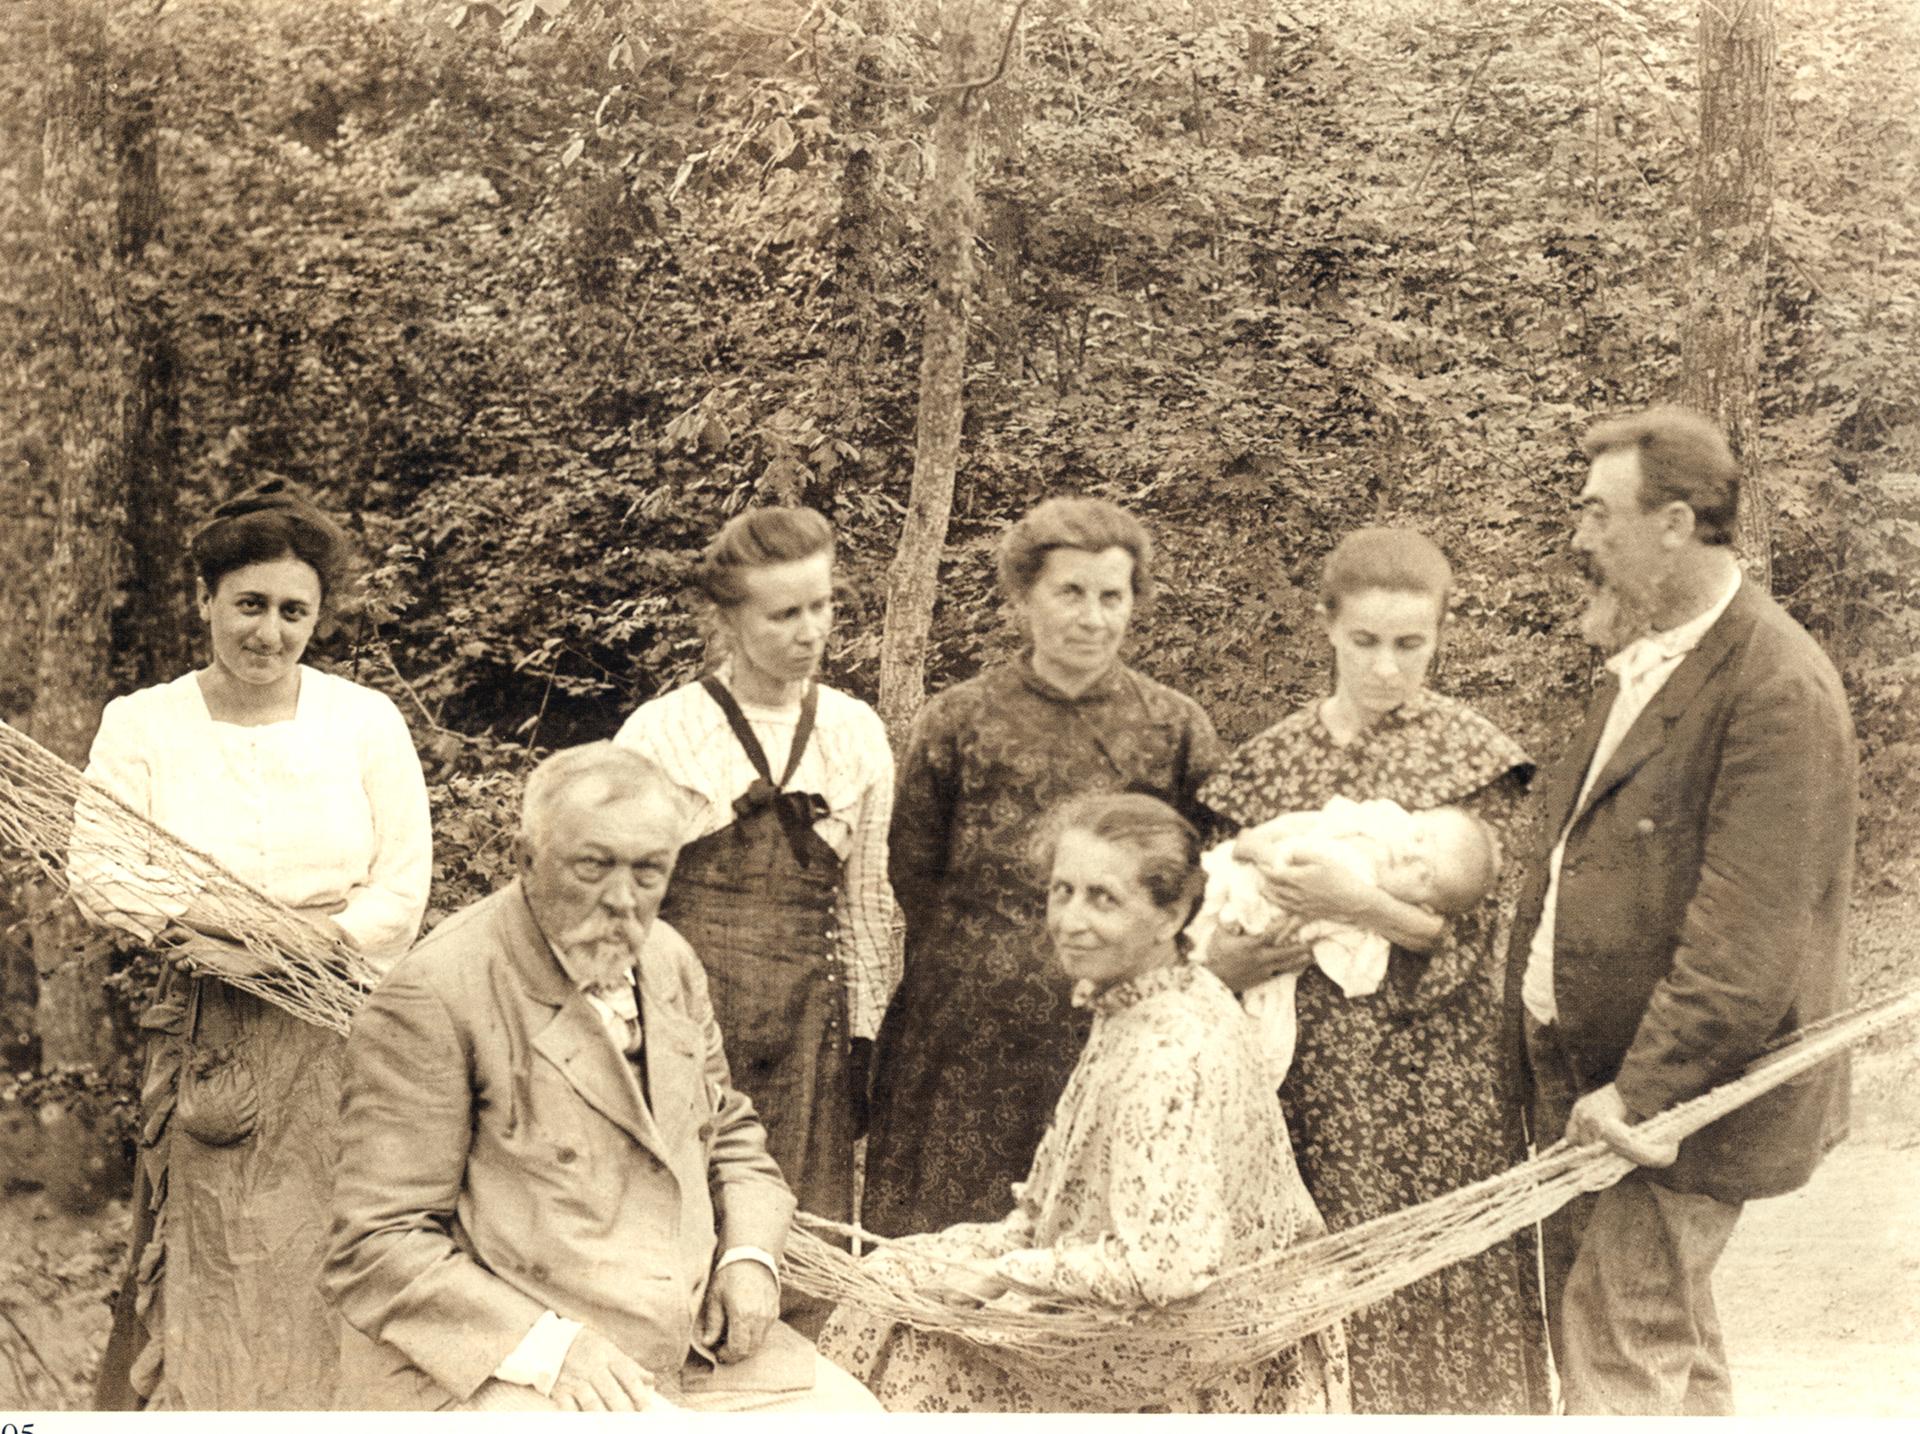 Зліва направо сидять: Петро Косач (батько Лесі Українки) і Антоніна Трегубова (рідна сестра дружини І. Франка Ольги);